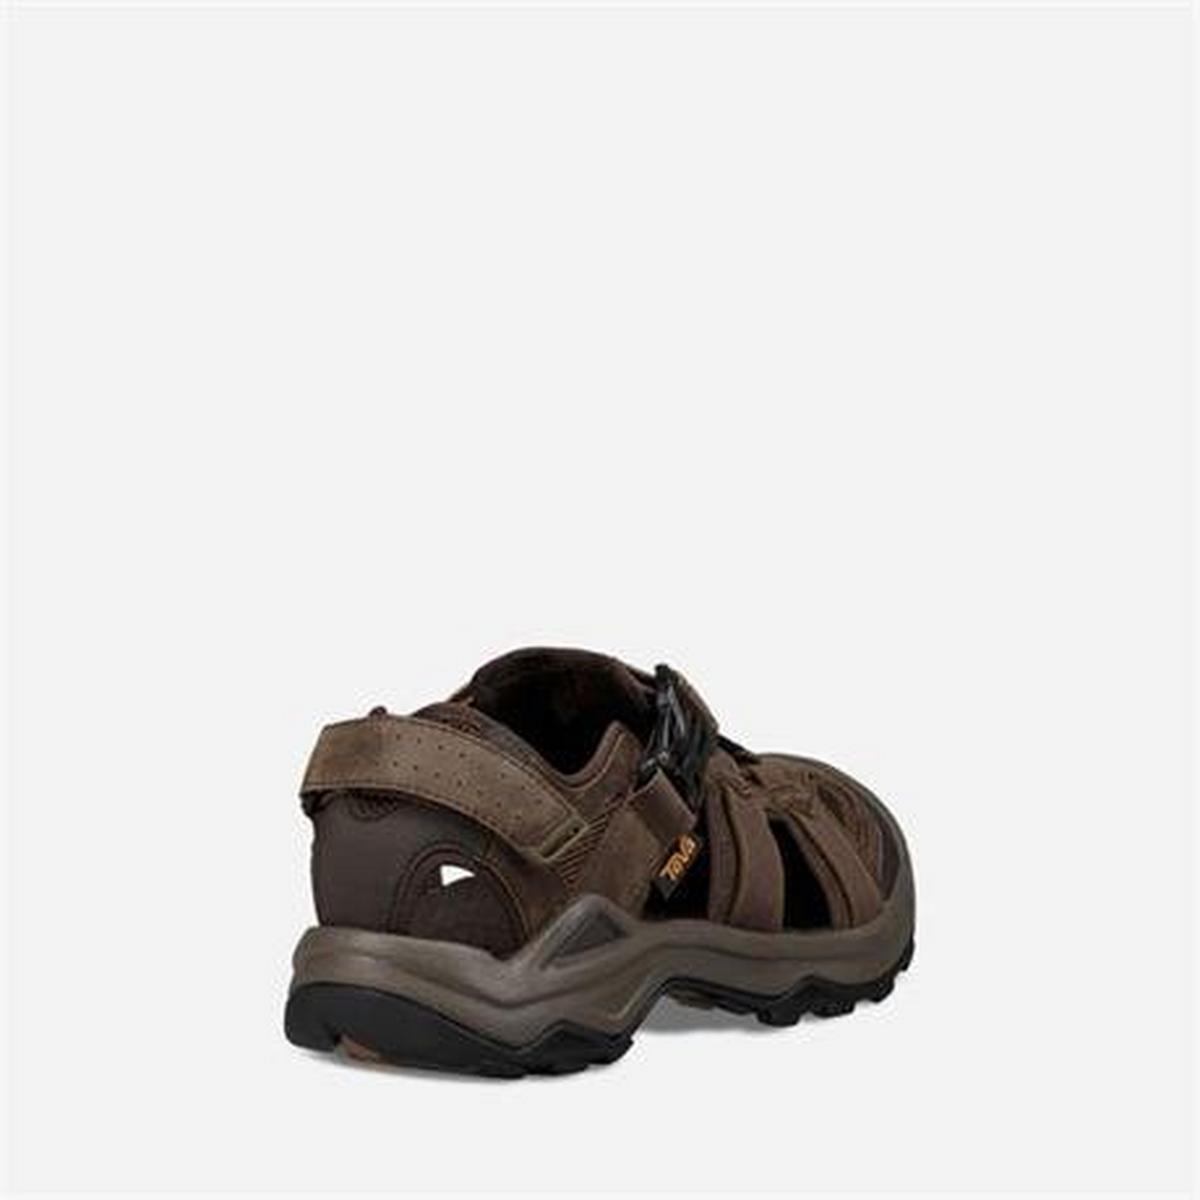 Teva Sandals Men's Omnium 2 Leather Turkish Coffee